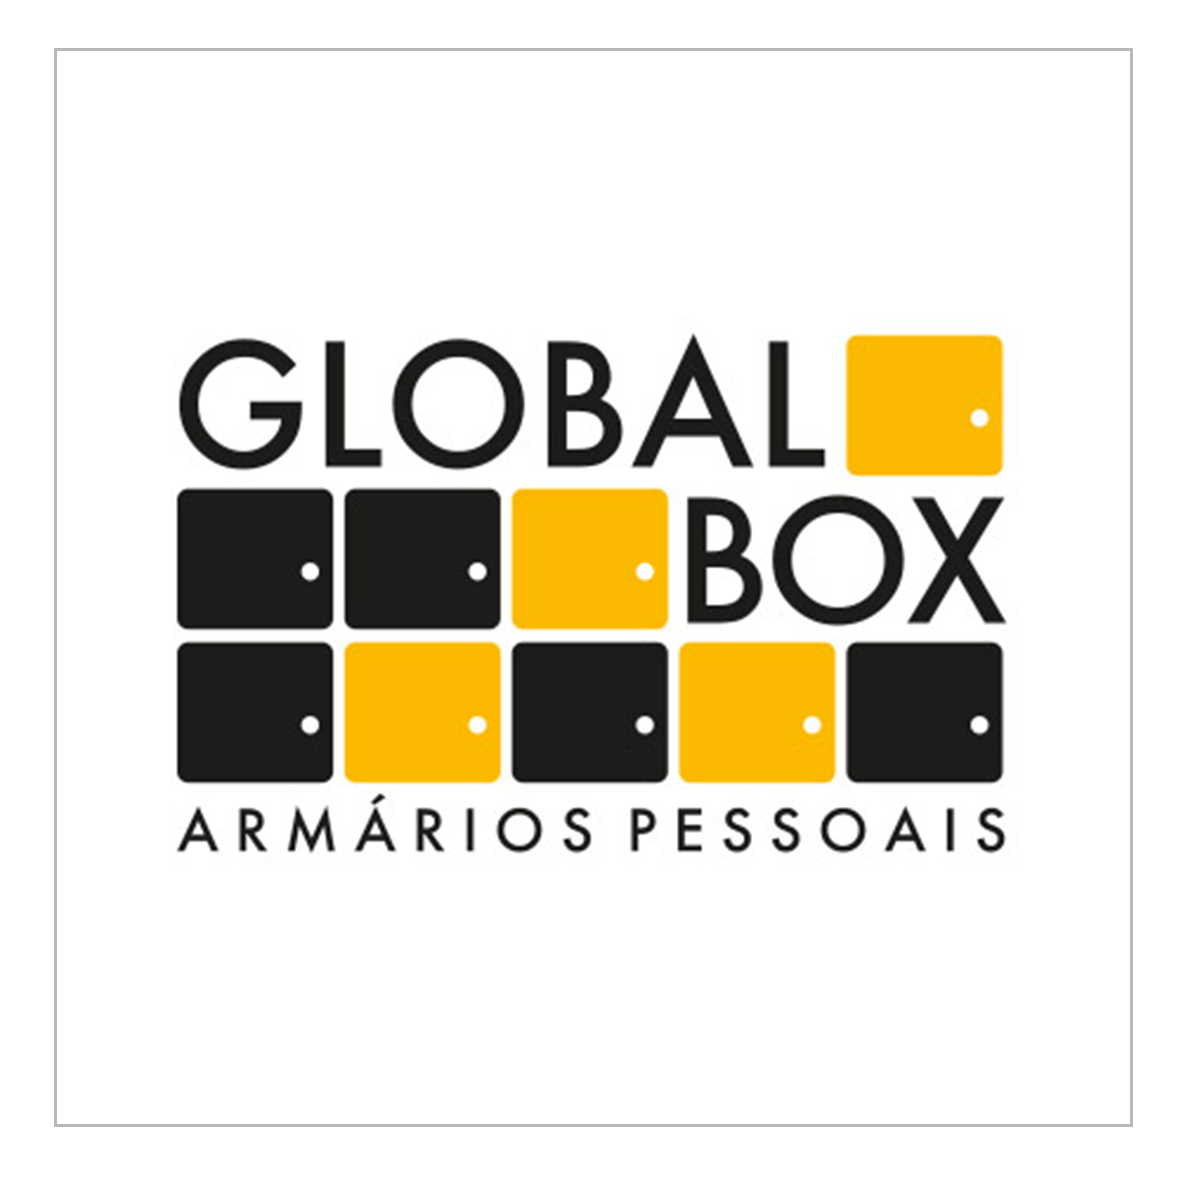 GLOBAL BOX